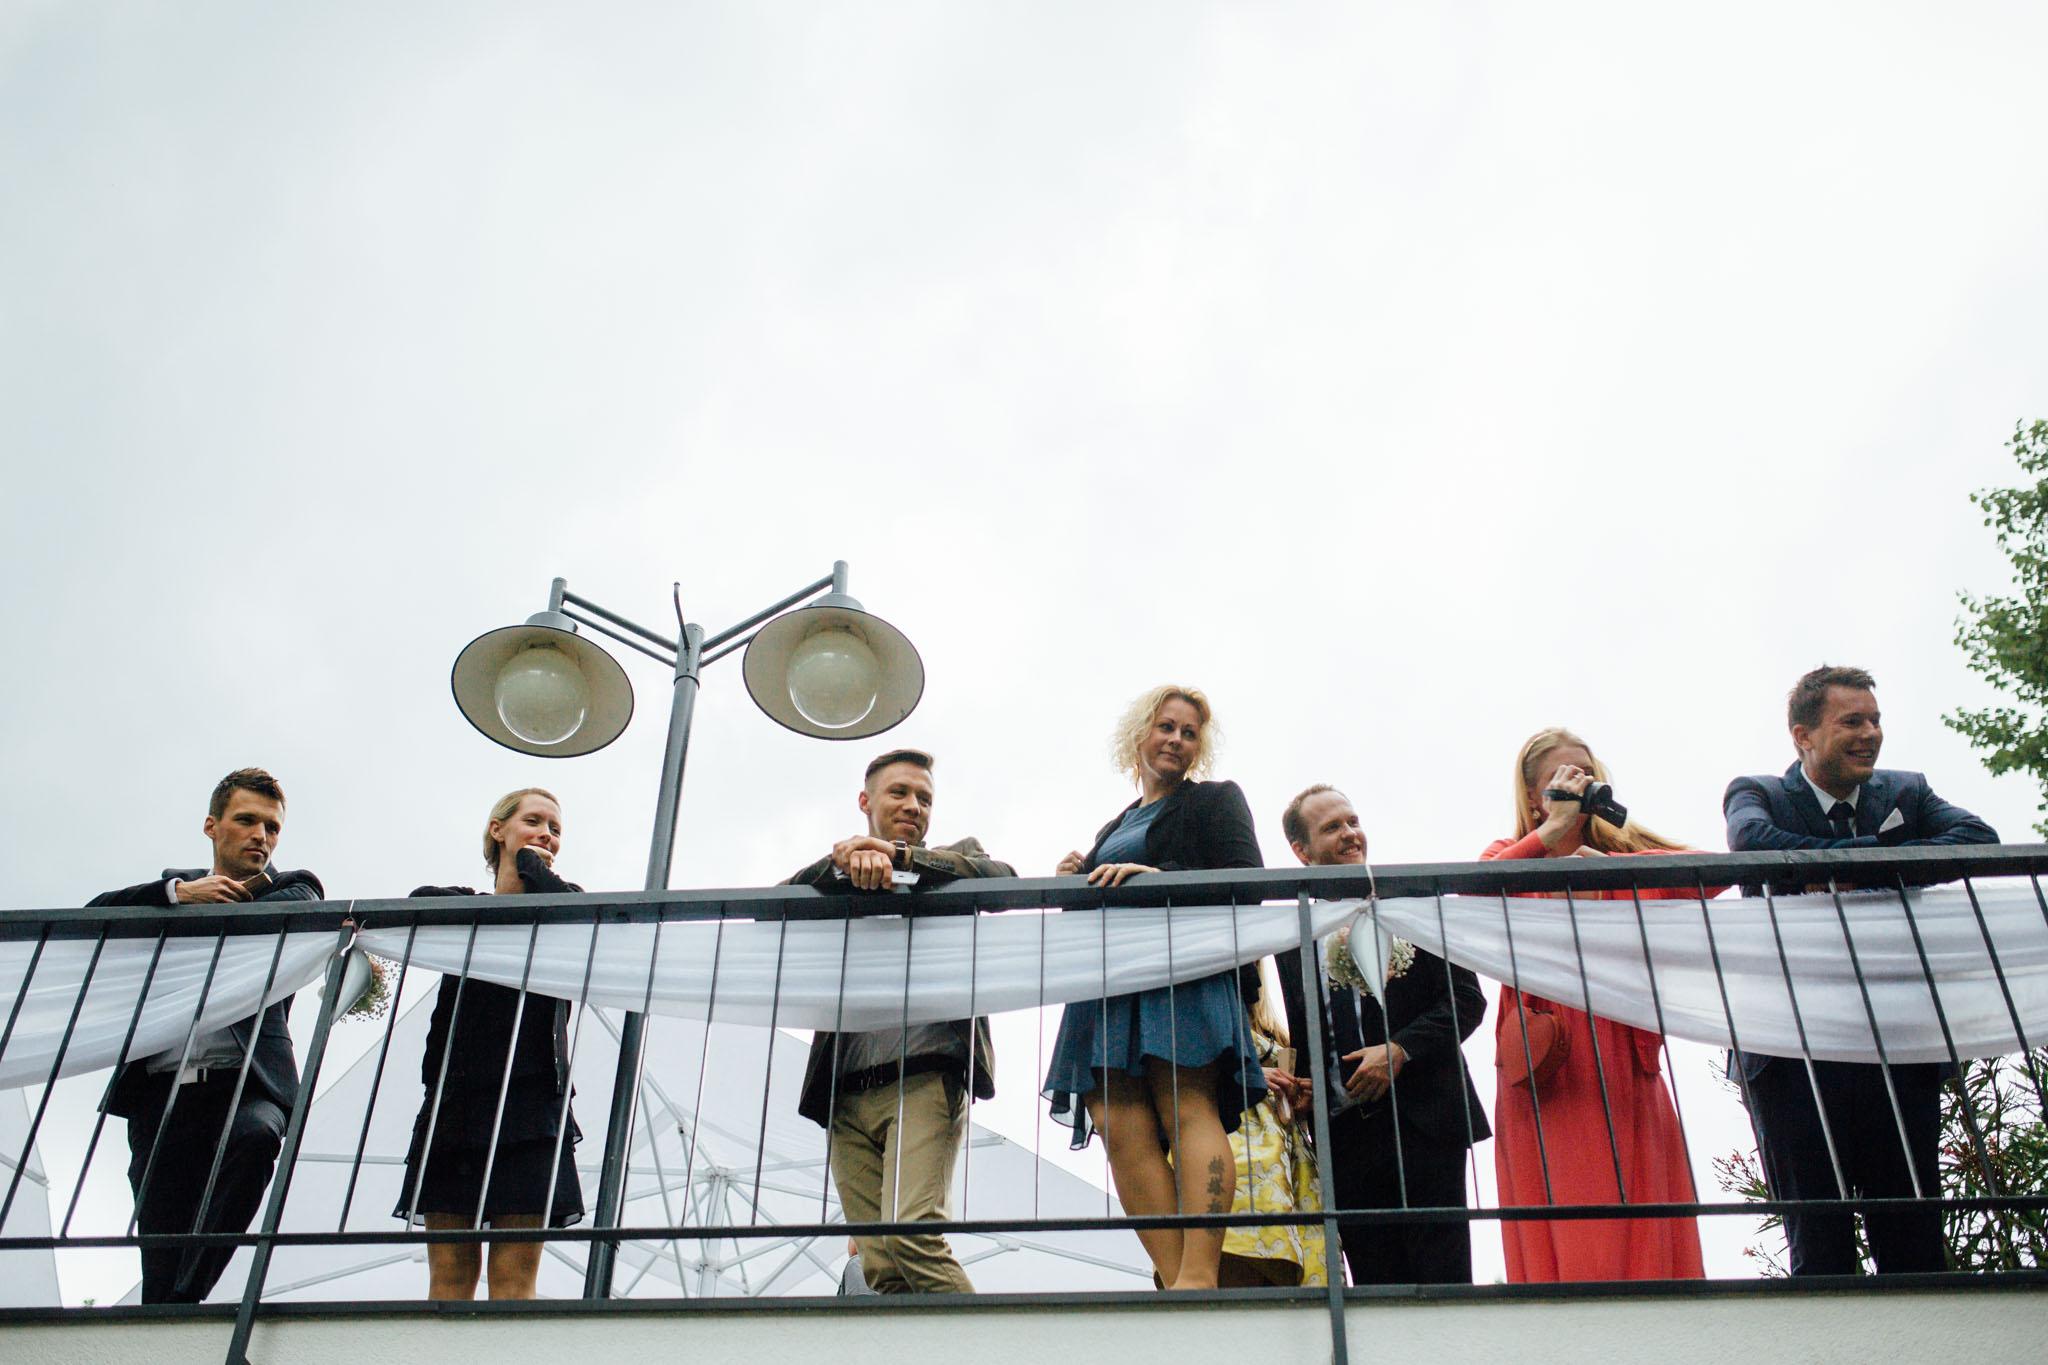 freie-trauung-hochzeitsreportage-berlin-stößensee-gäste